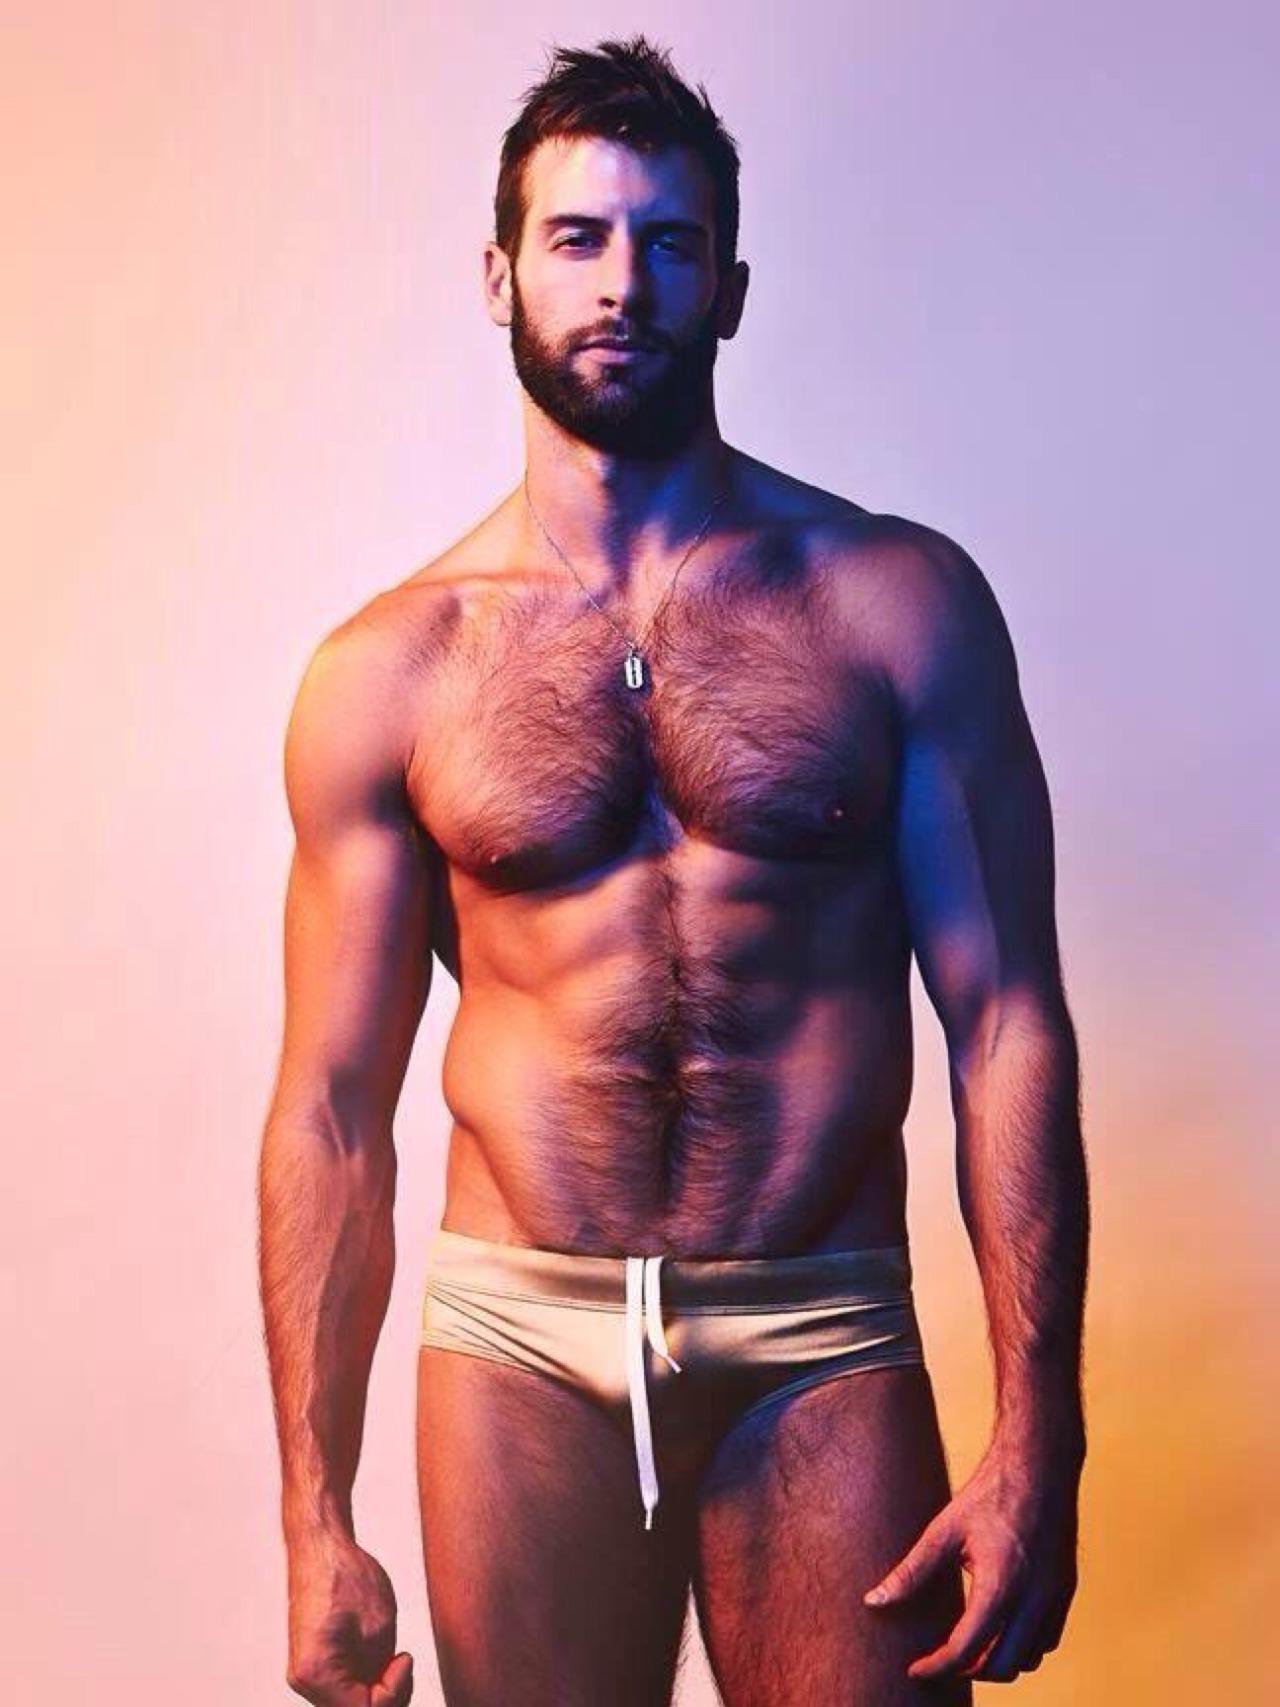 David Picard gay hot daddy dude men